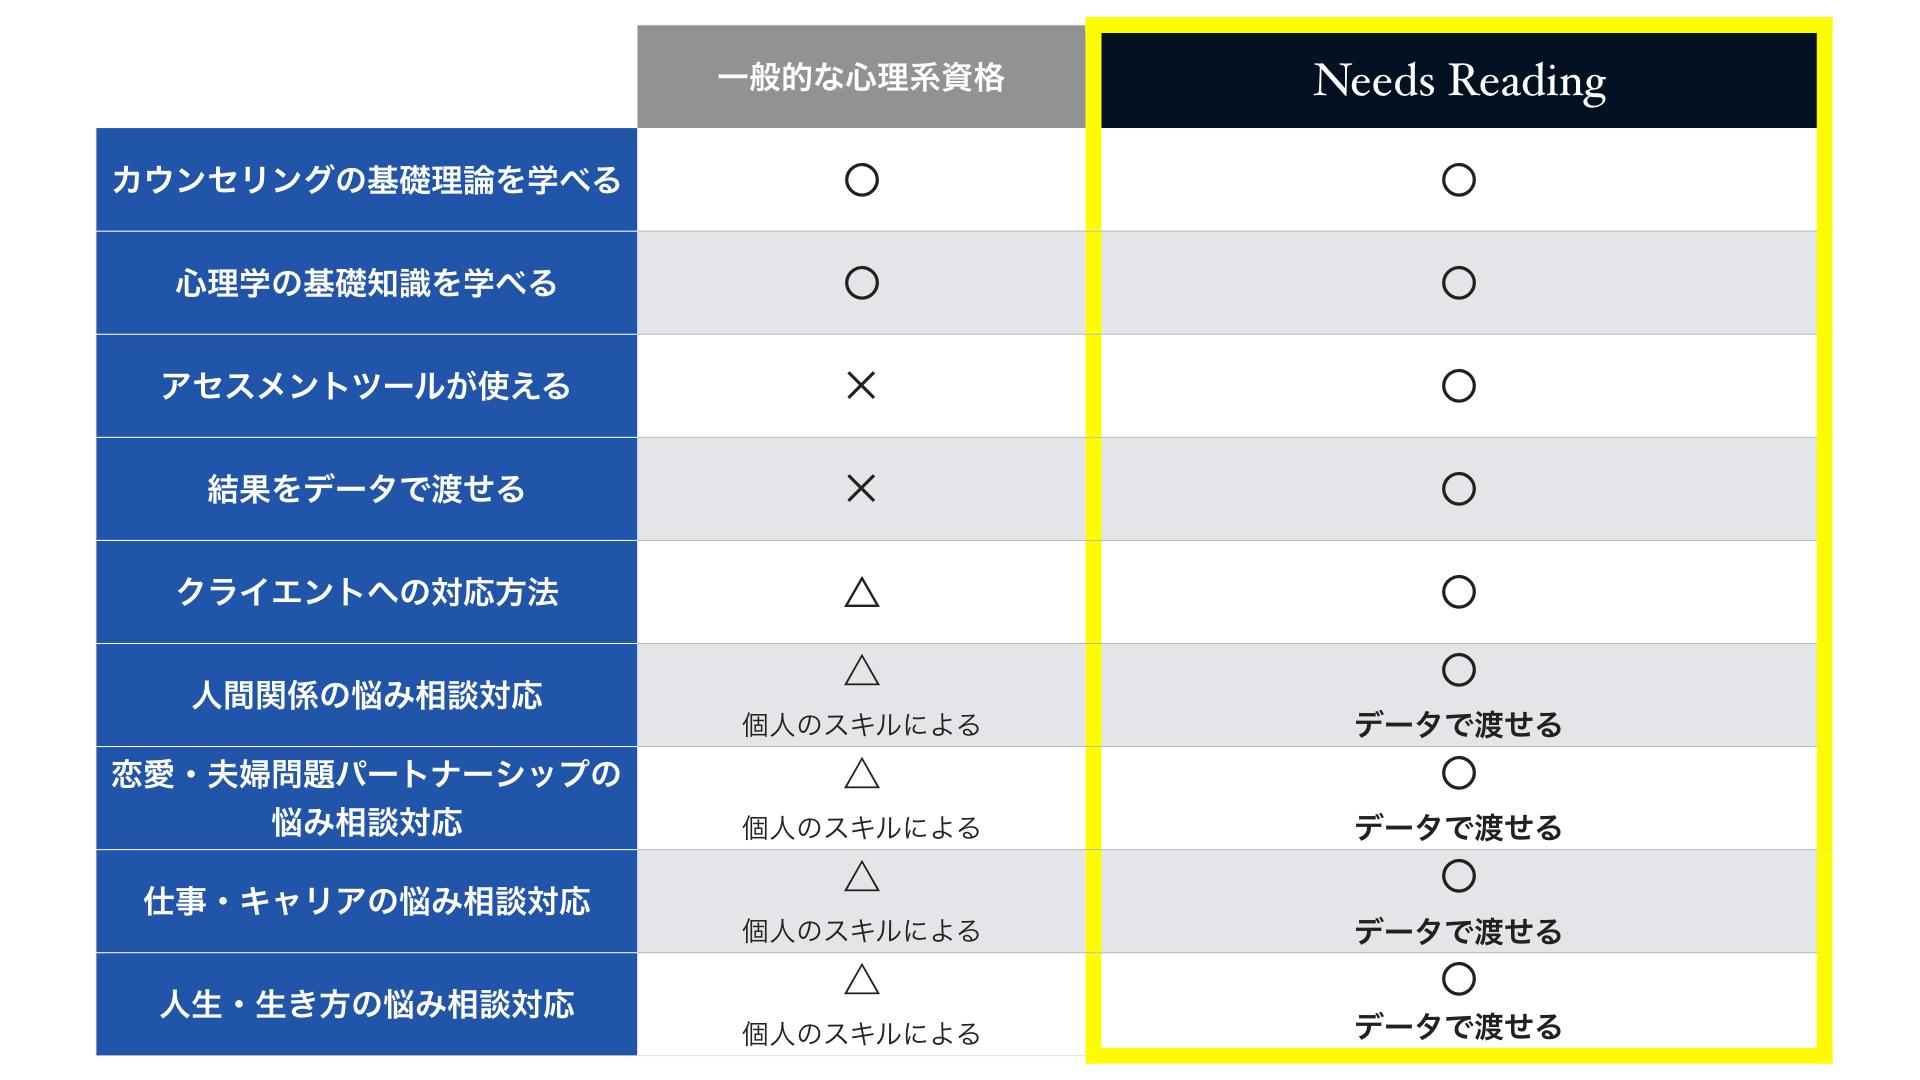 他の心理系資格との比較表